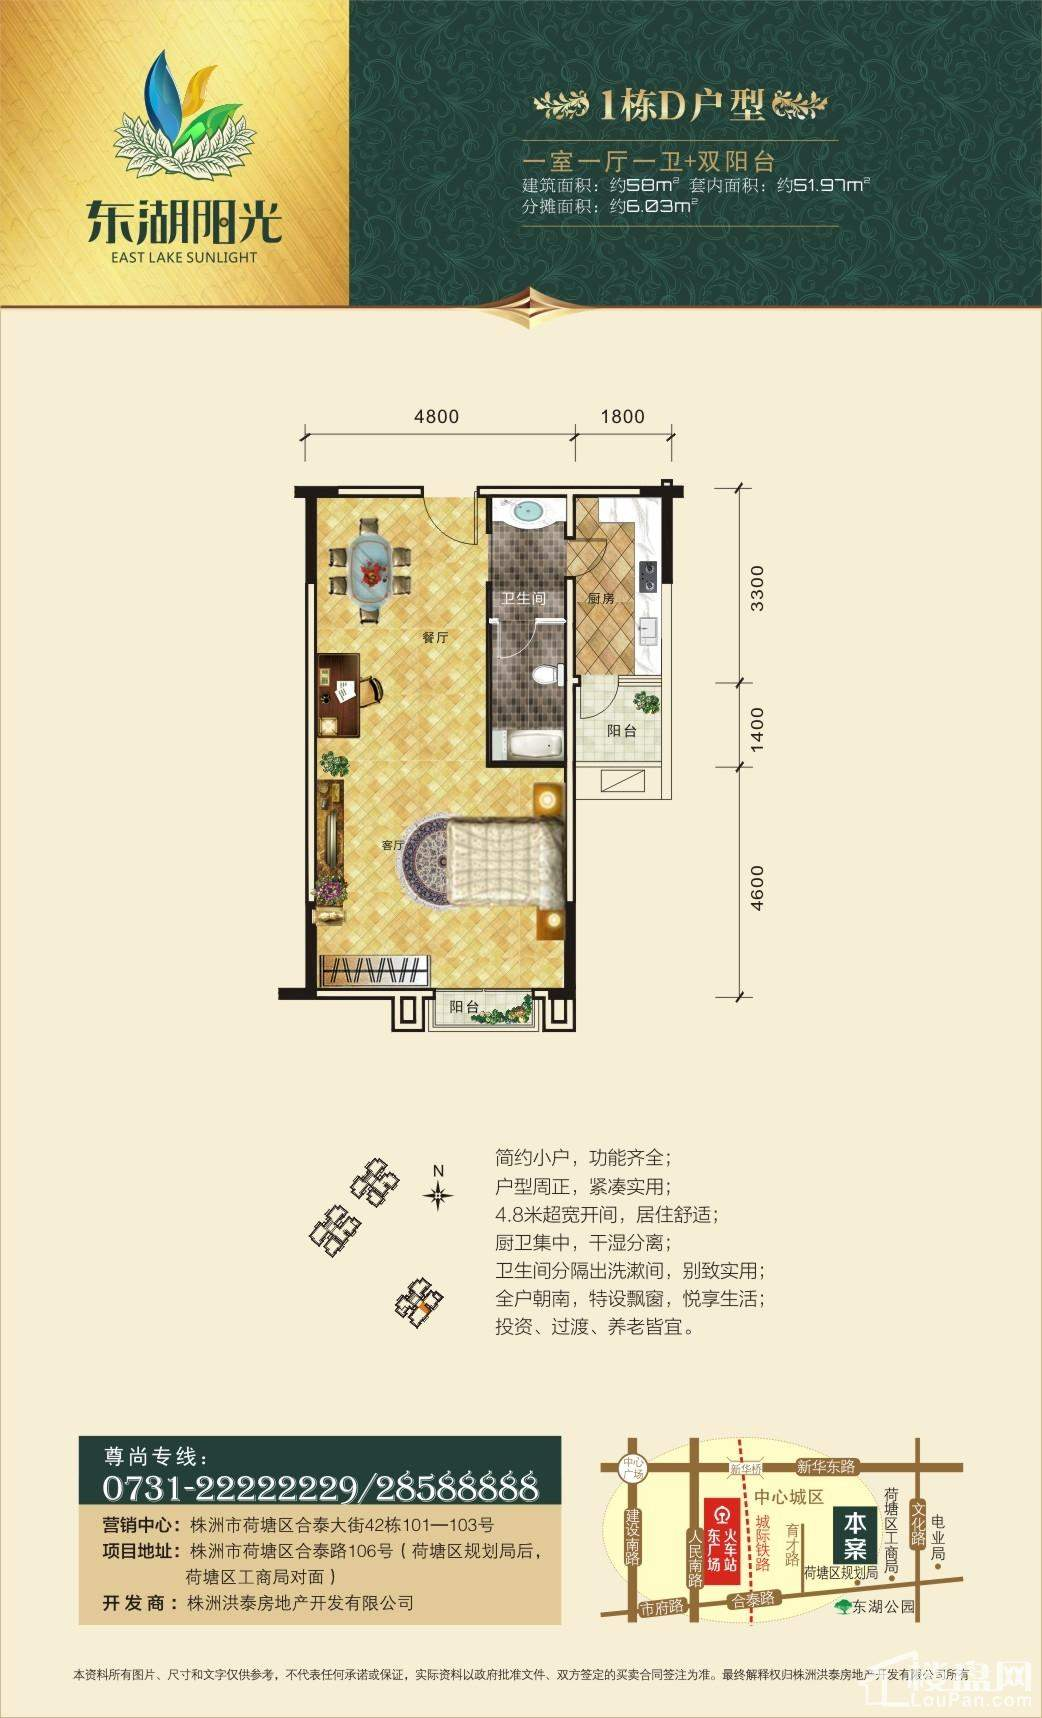 东湖阳光户型图